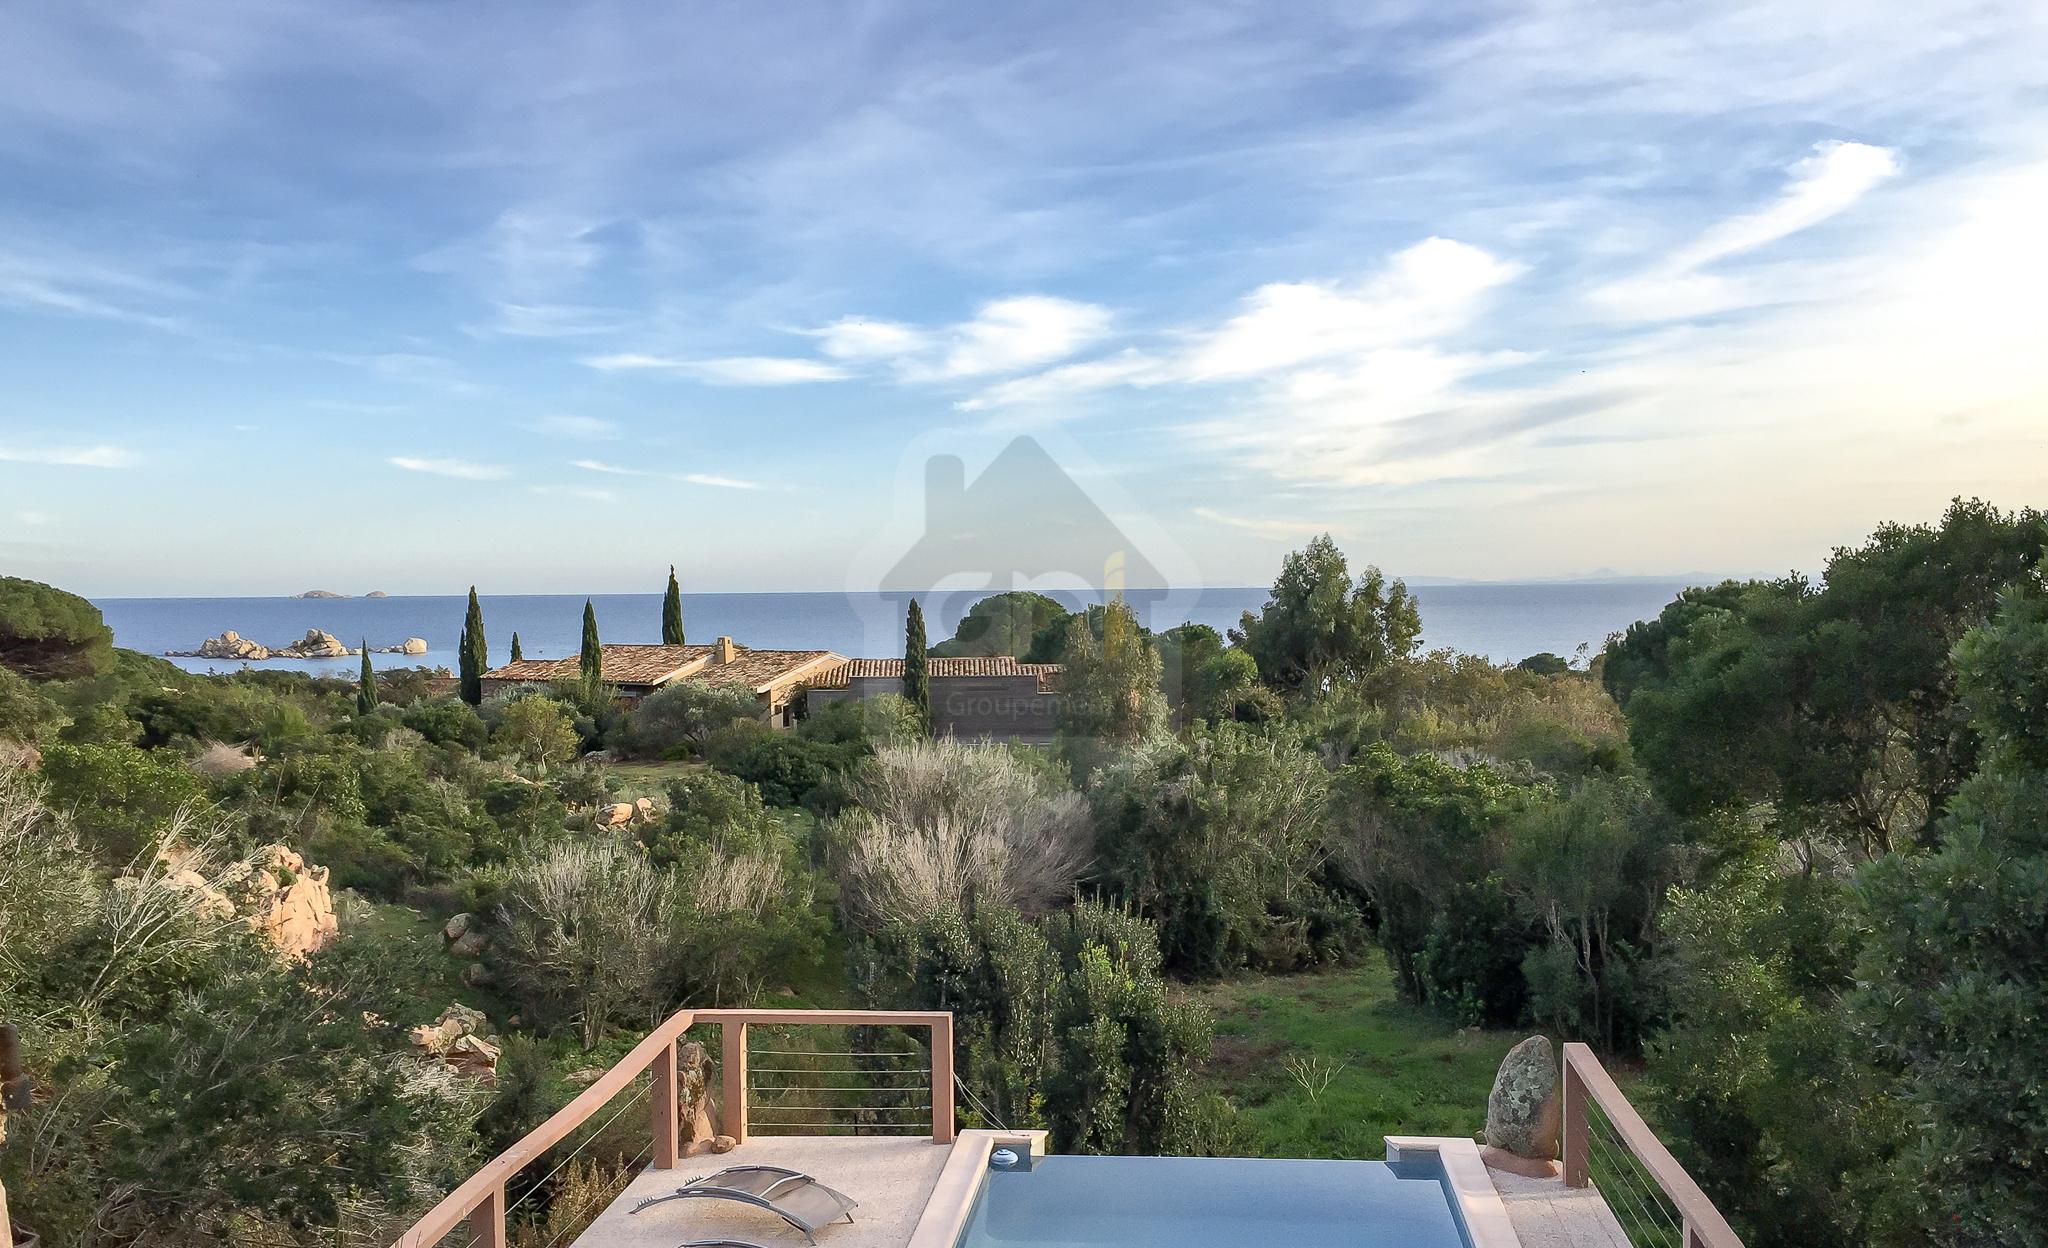 Vente villa vue mer avec annexe indépendante